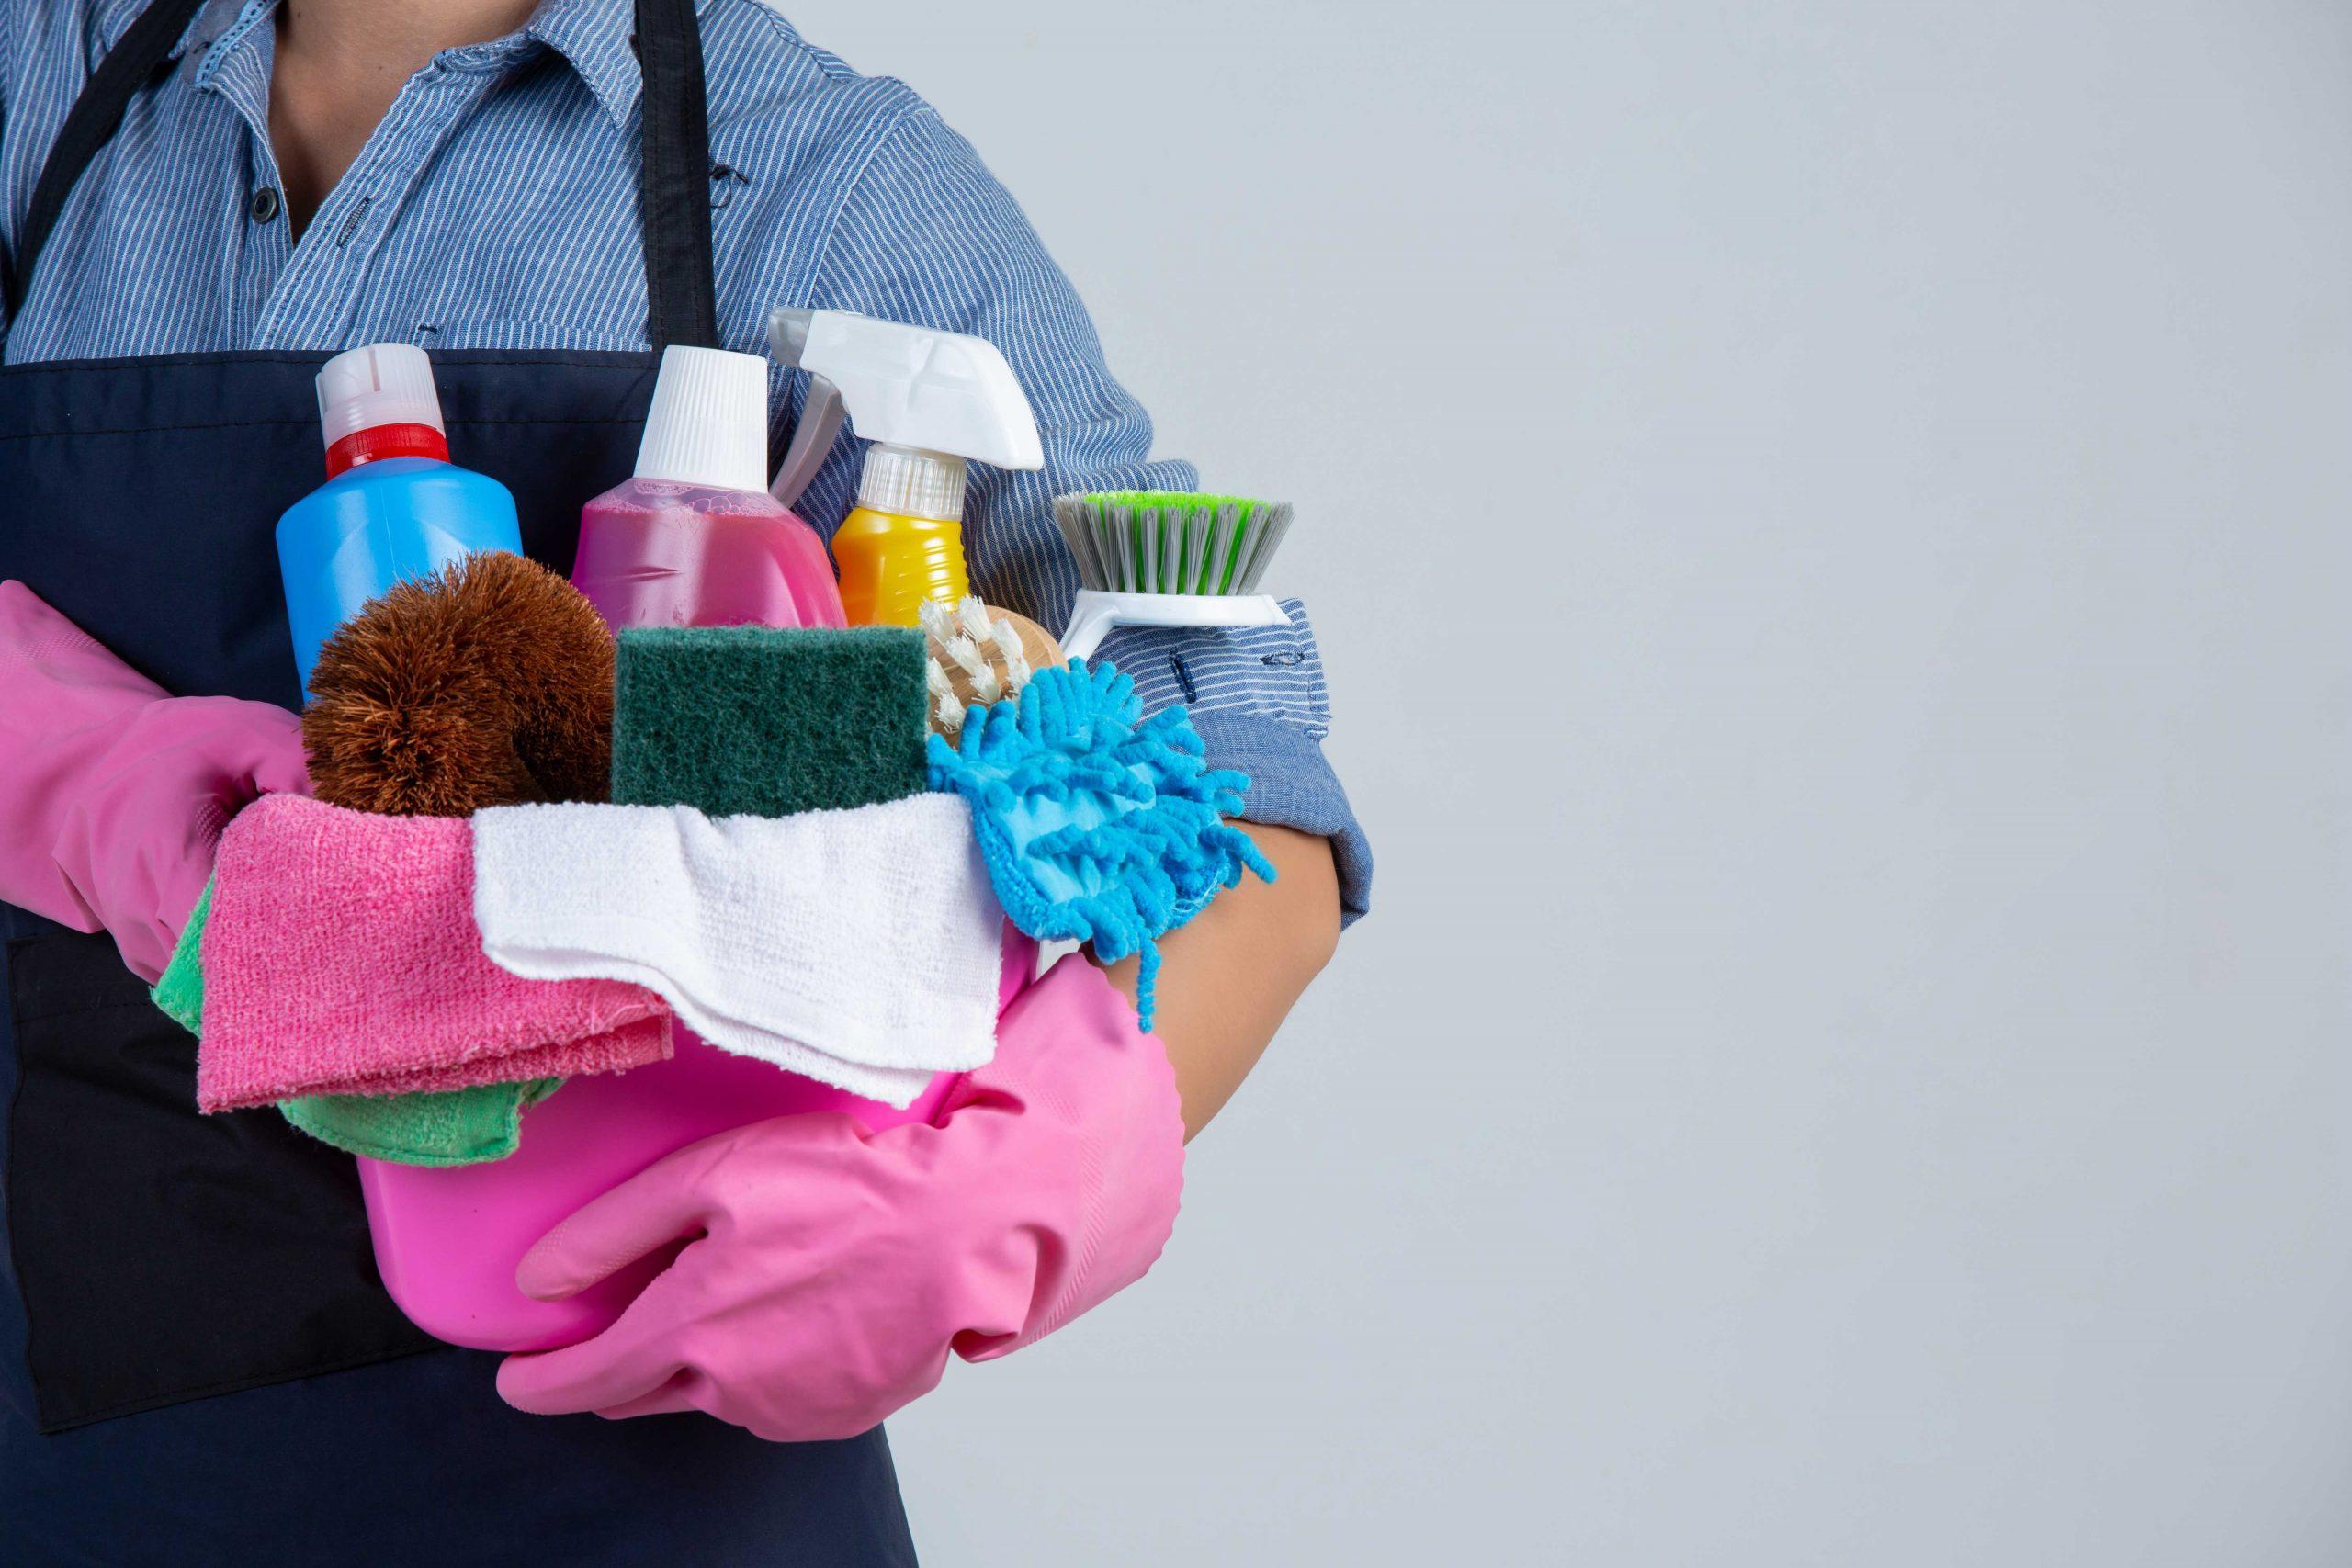 Serviços domésticos: Uma necessidade de profissionalização